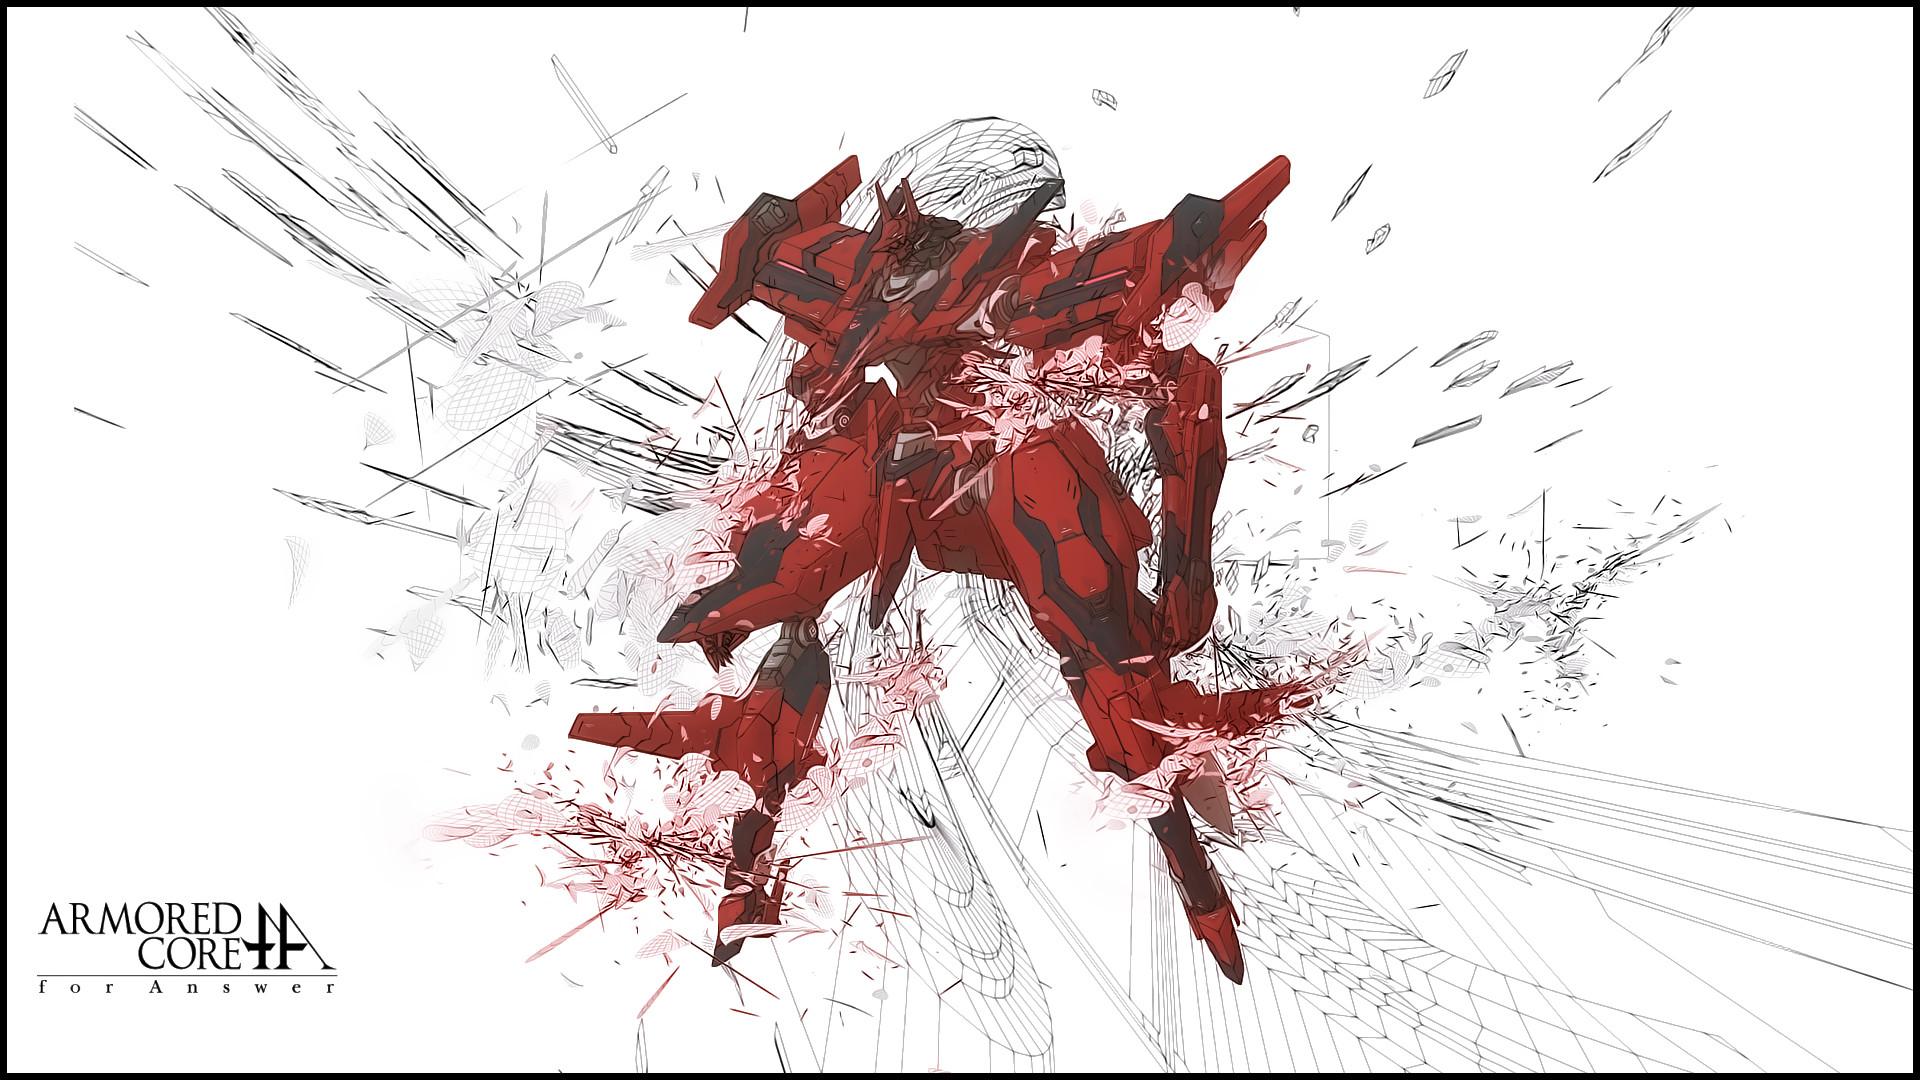 Armored Core Wallpaper by Malafil Armored Core Wallpaper by Malafil